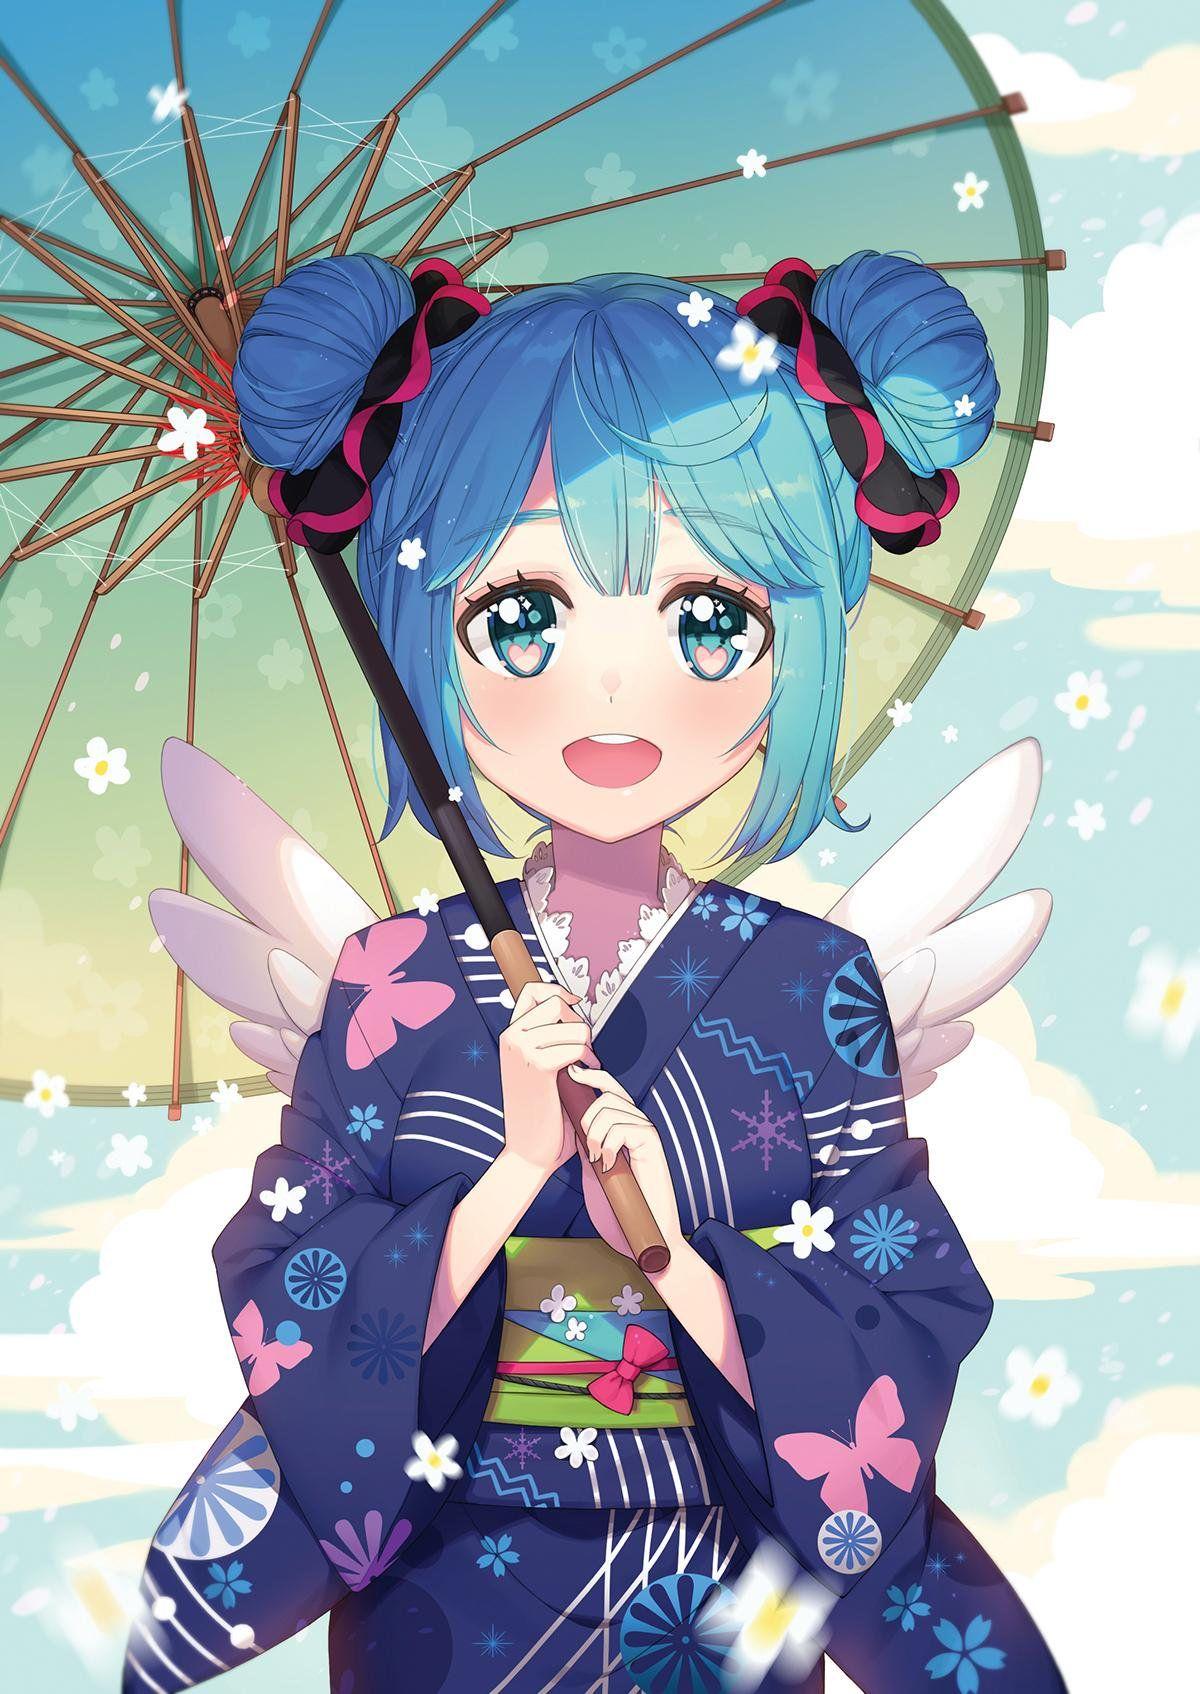 Vocaloid Hatsune Miku Art in 2019 Anime mädchen